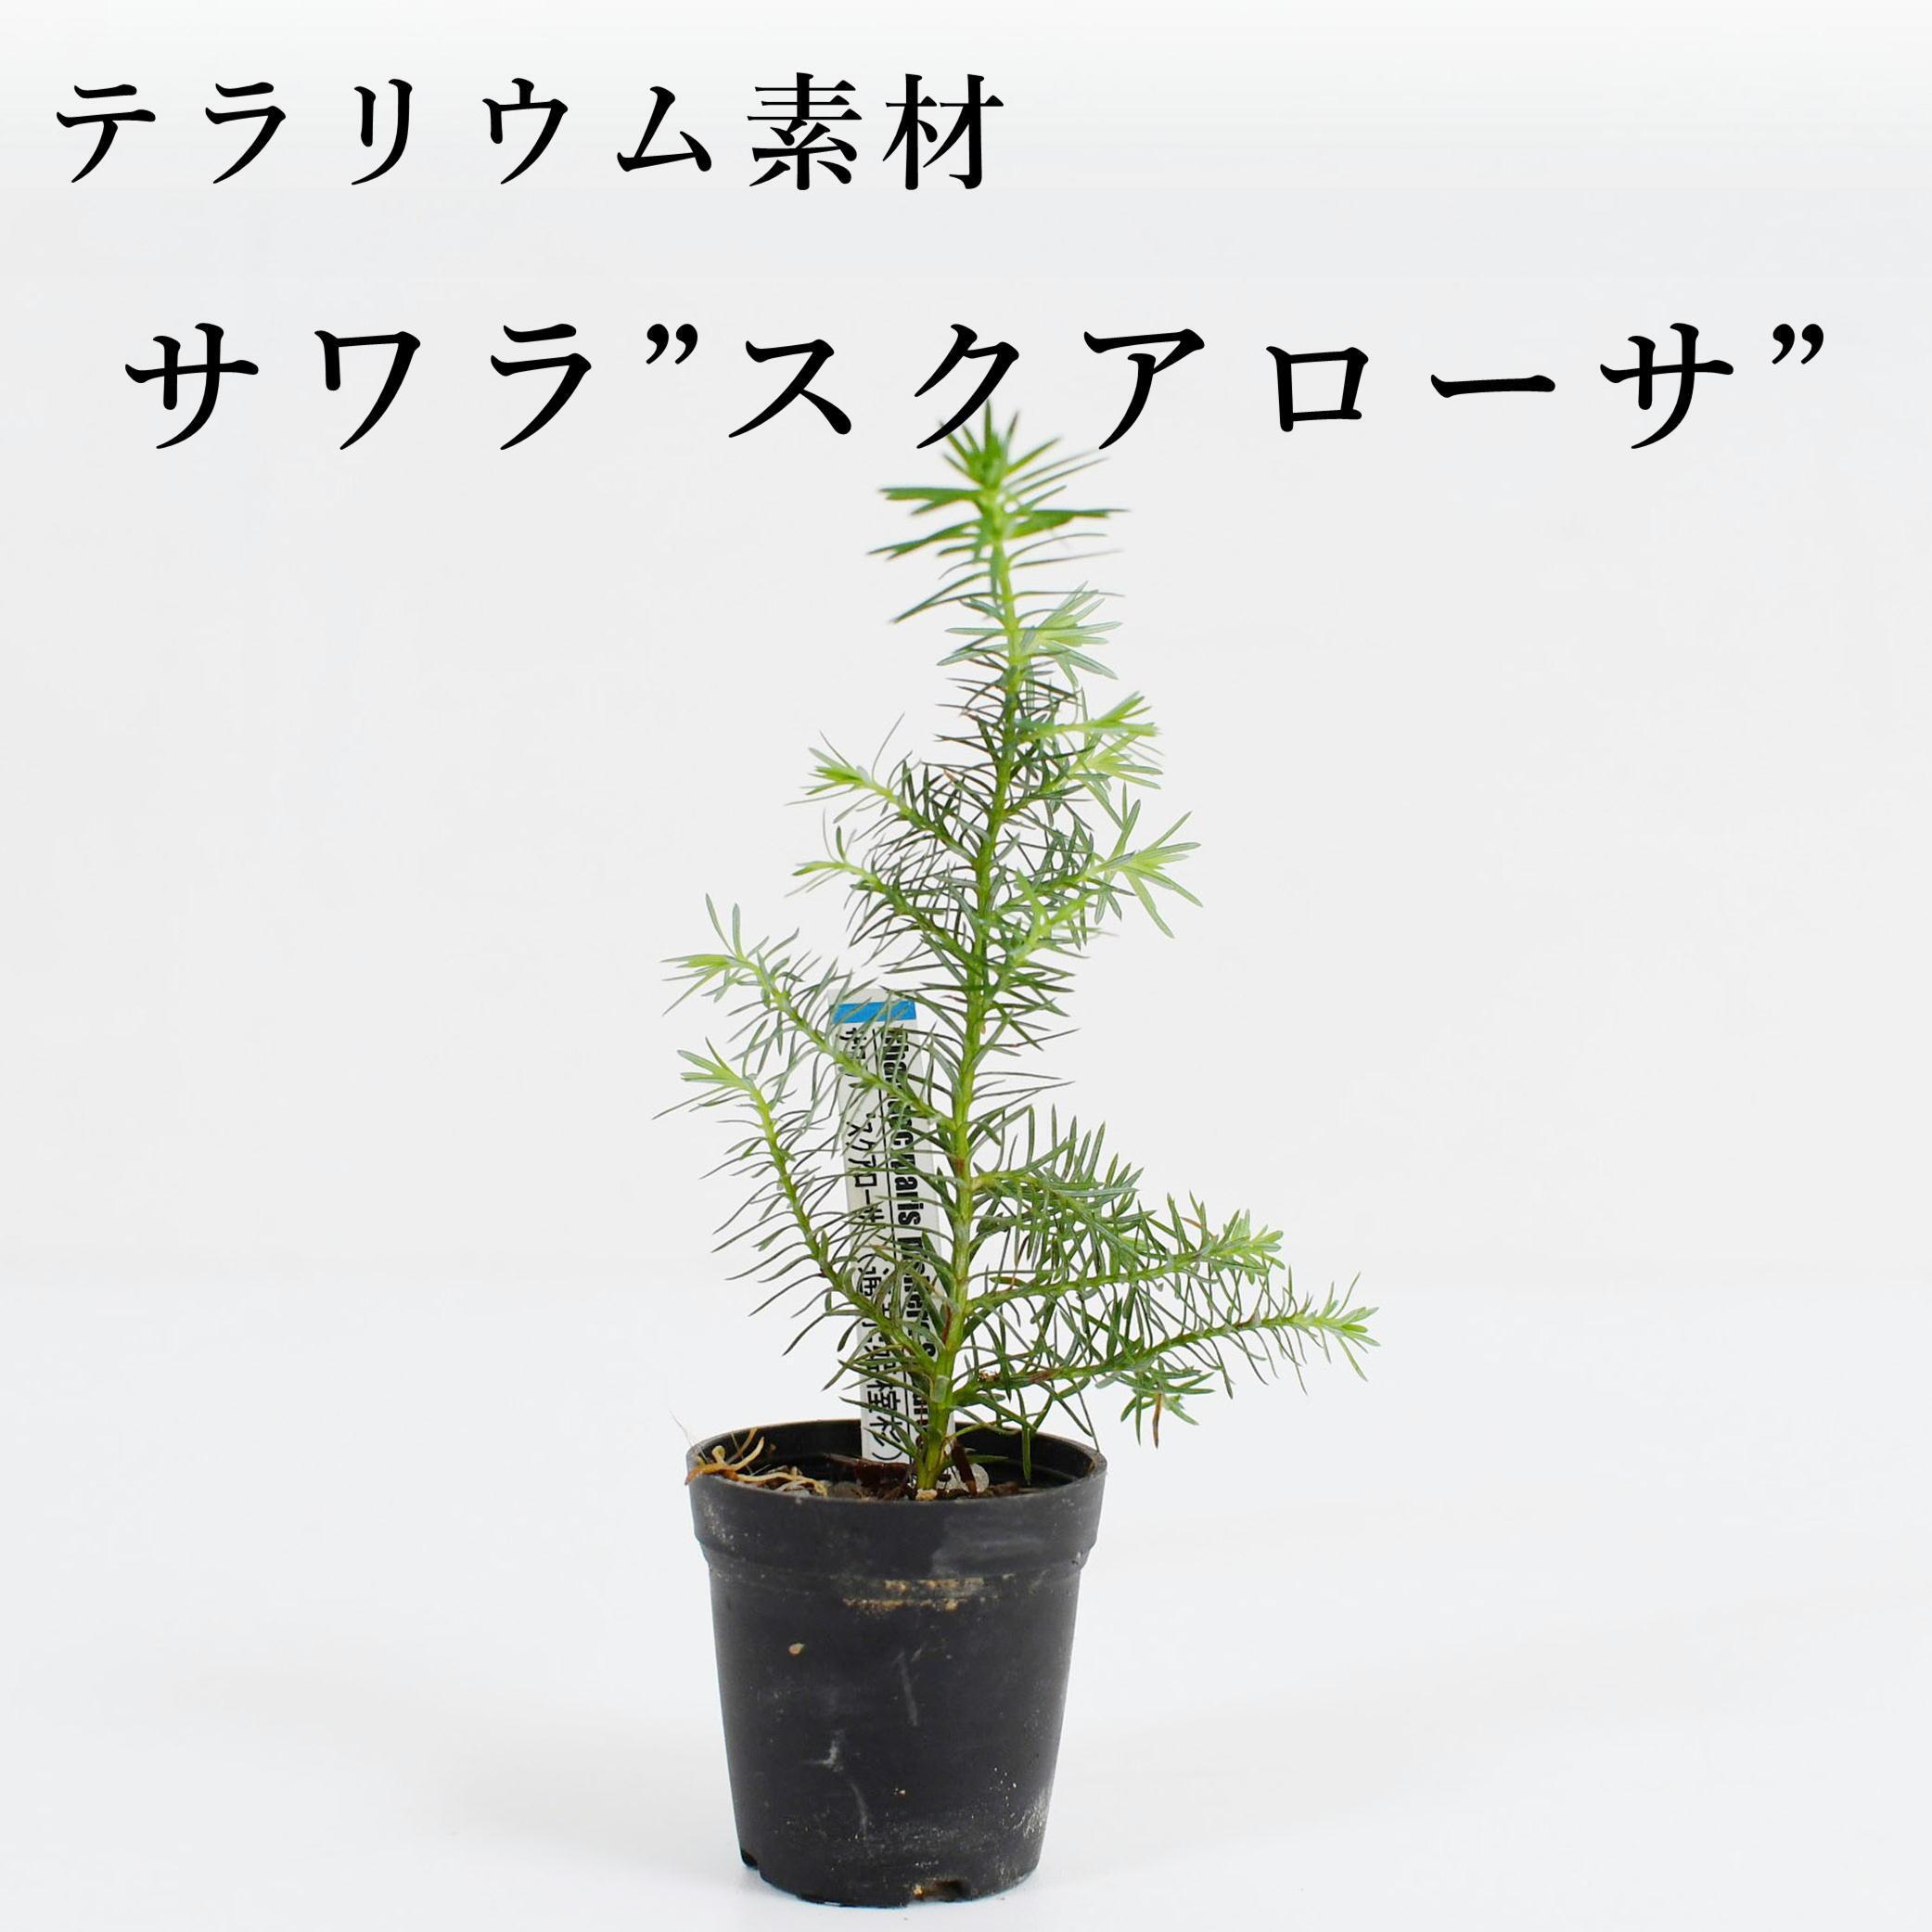 """サワラ""""スクアローサ""""(姫榁杉) 苔テラリウム作製用素材"""